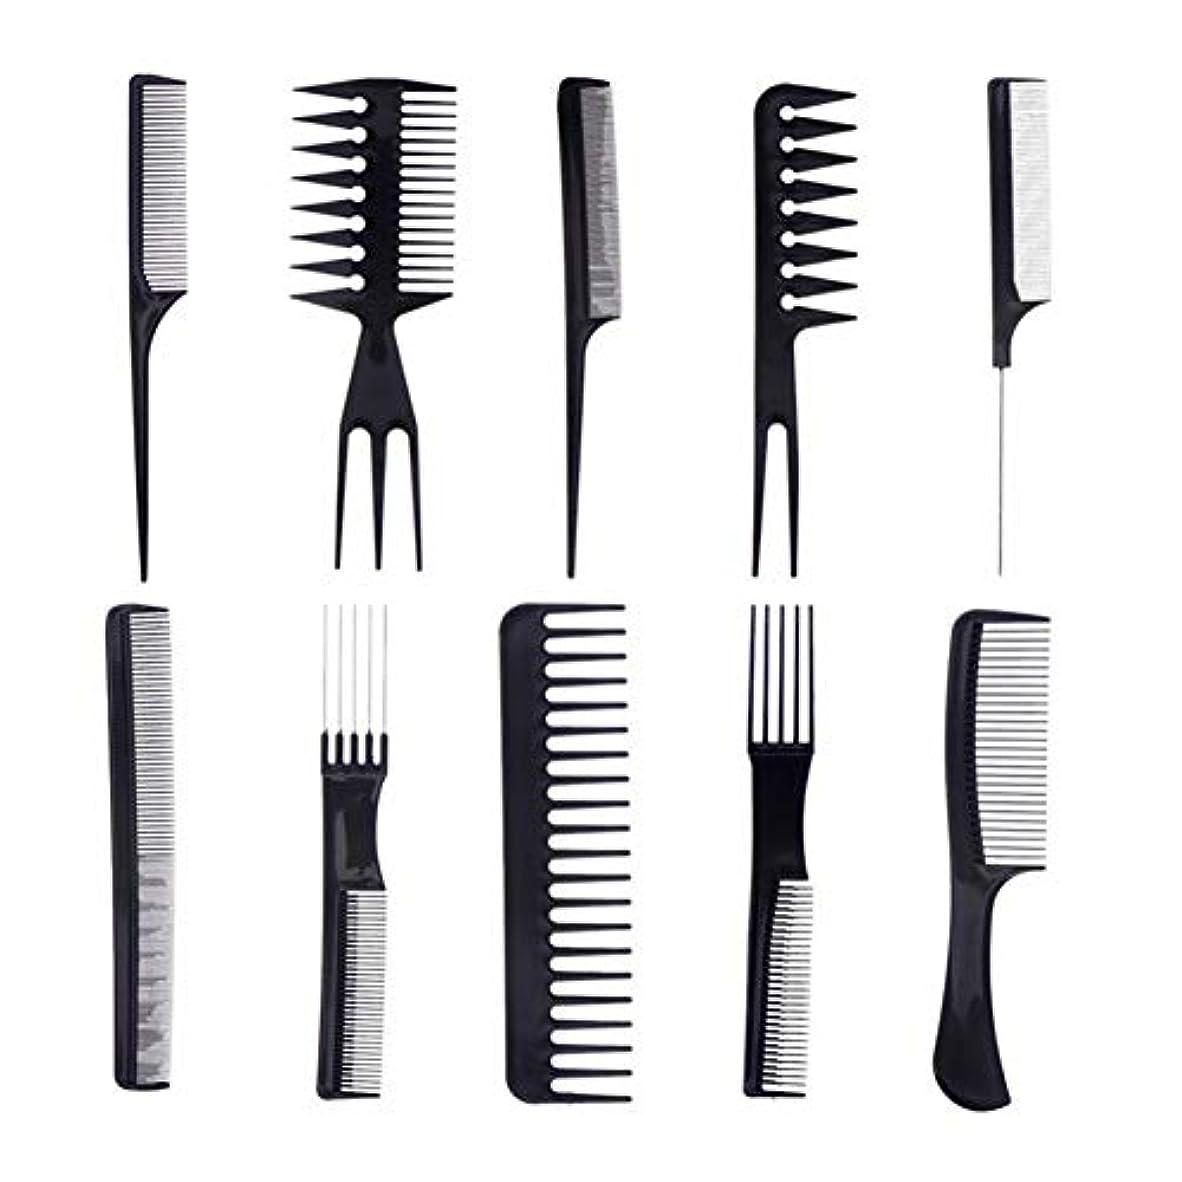 墓リップ墓プロの櫛静電気防止コームのヘアーサロンビューティーサロンスタイリングツールや髪のすべてのタイプ(黒)の10 /セット